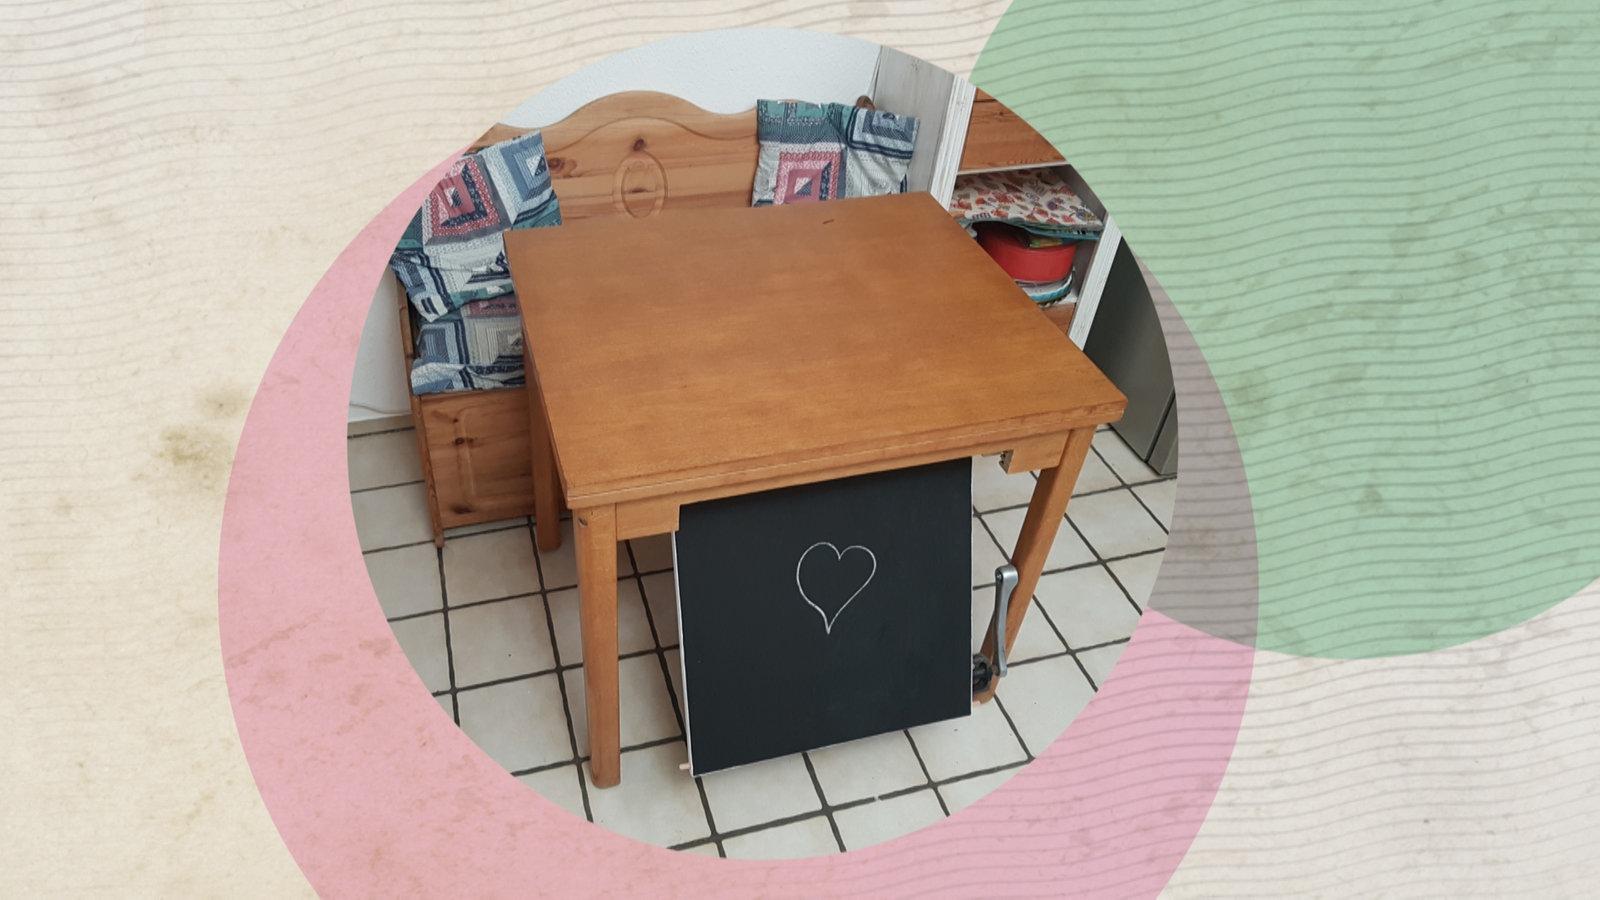 Tisch Mit Ausziehbarer Tafelplatte Freizeit Verbraucher Wdr